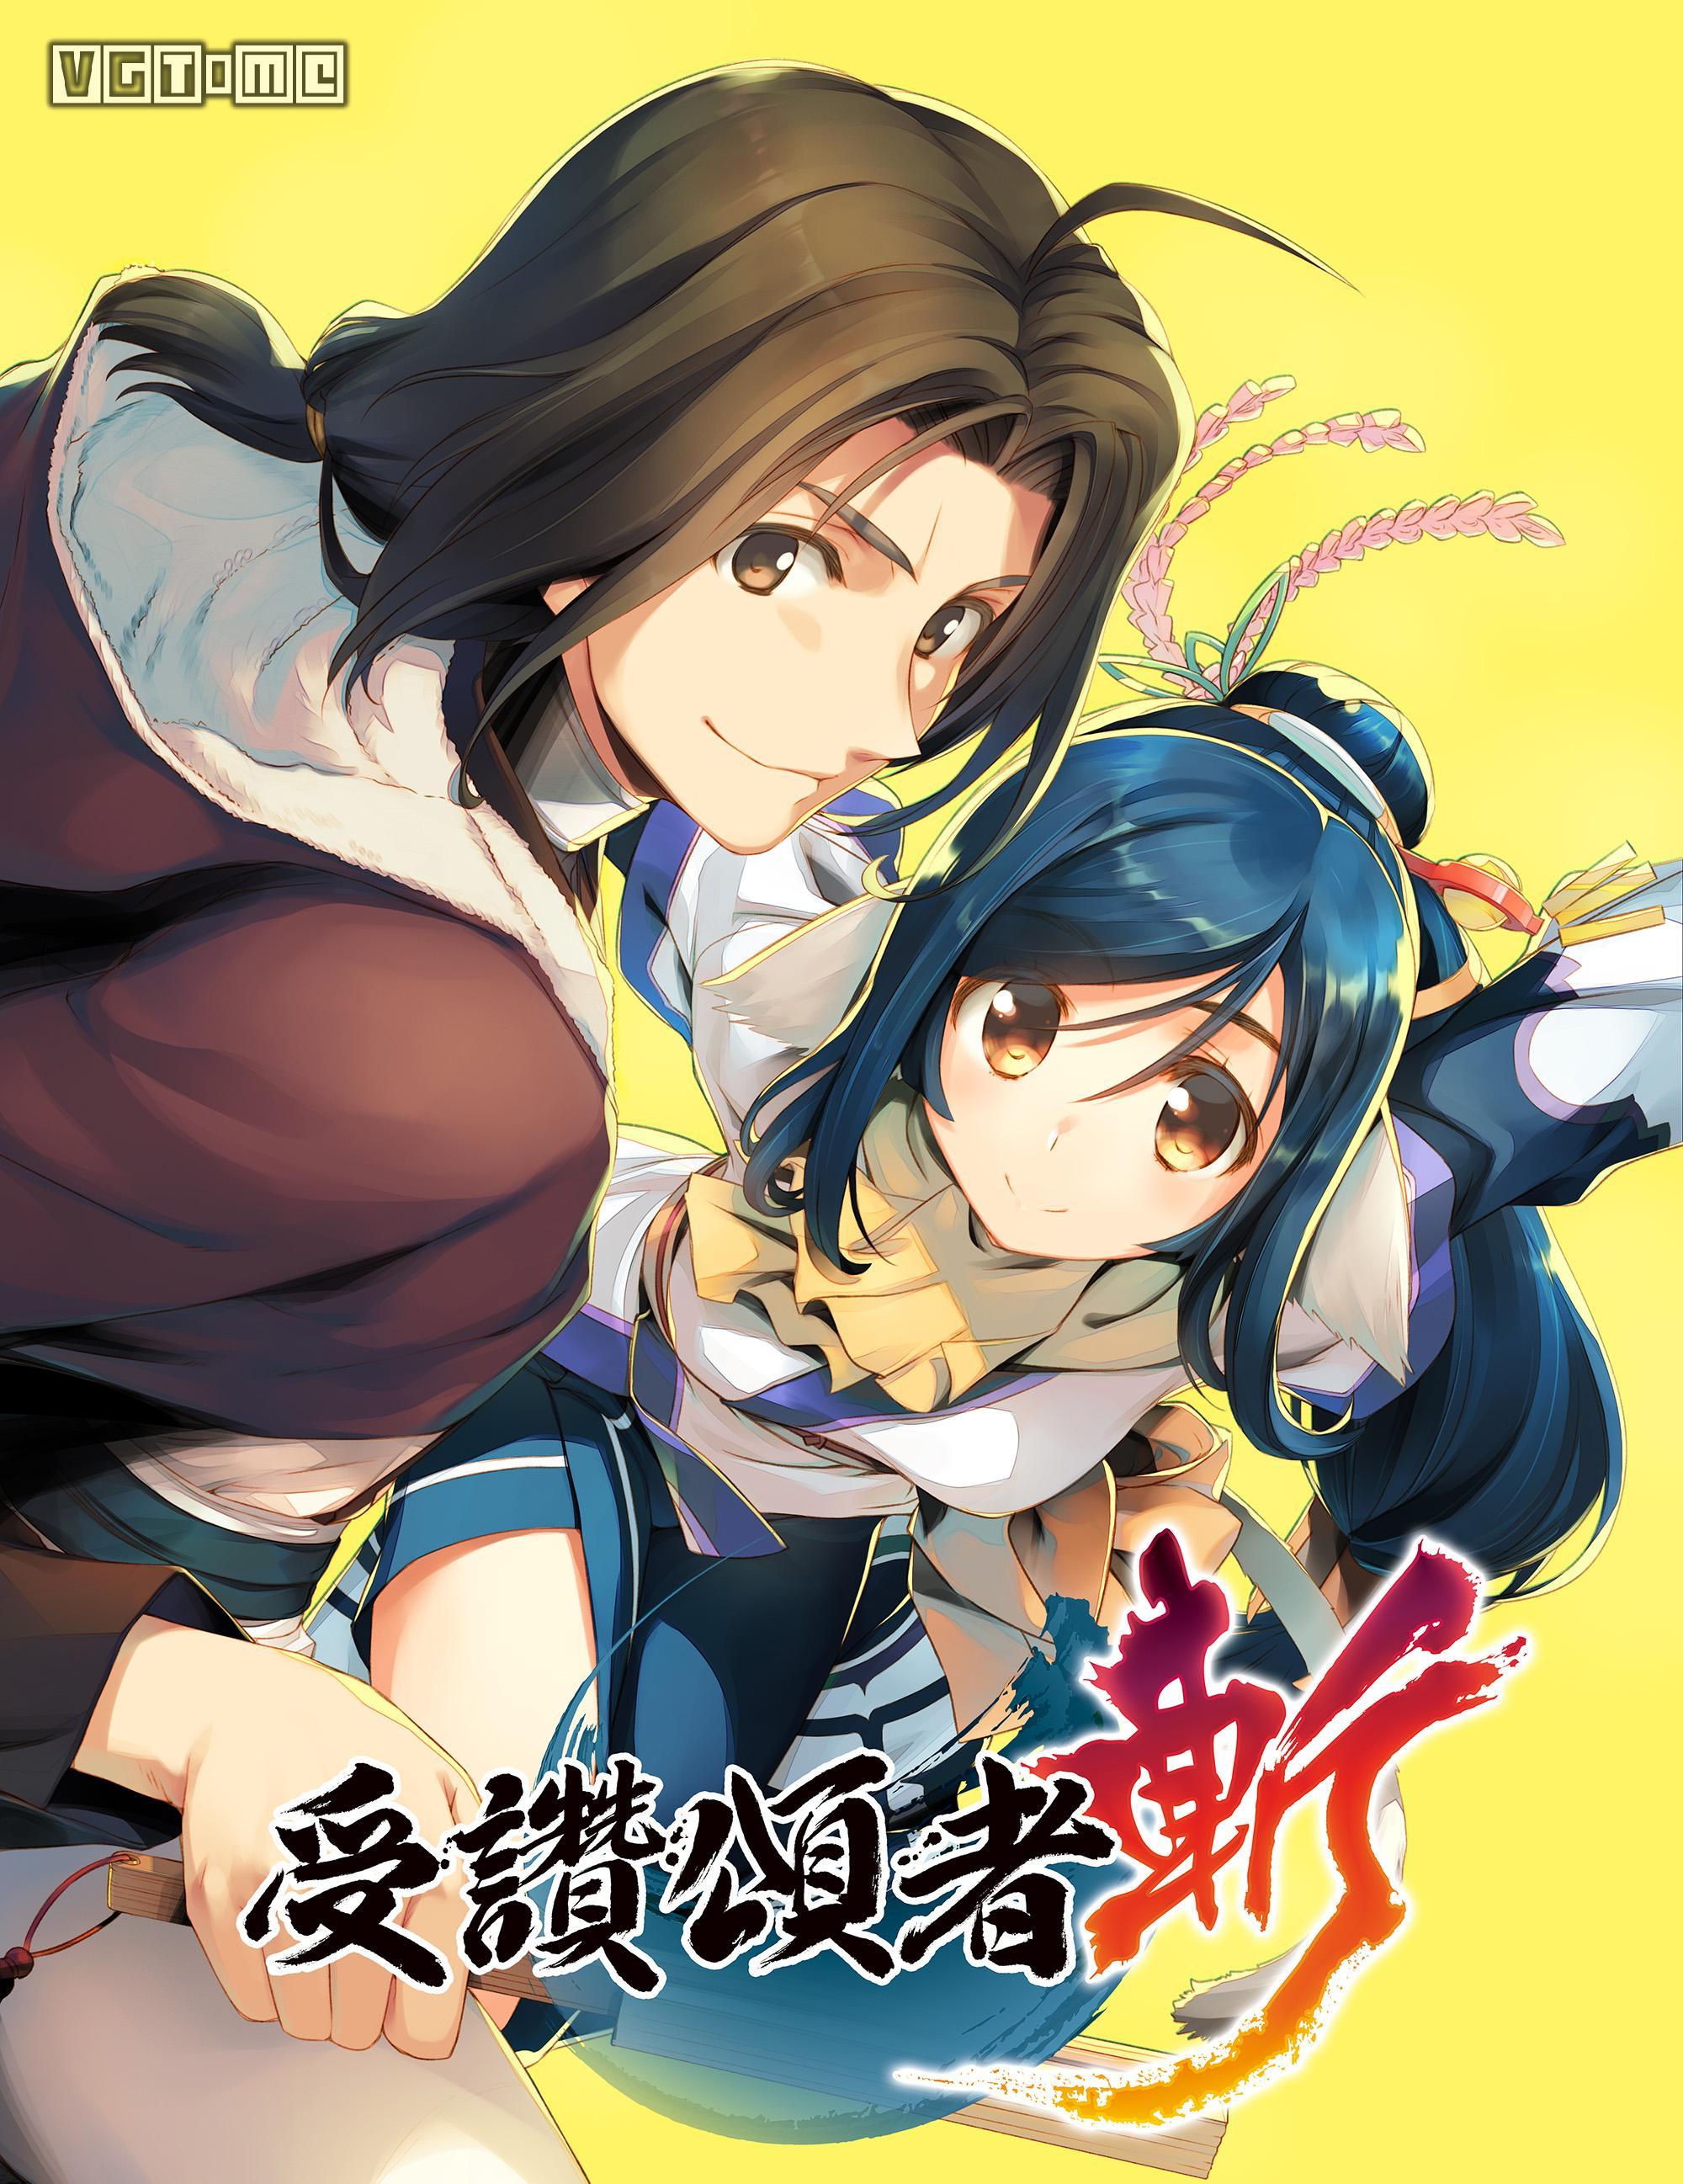 《傳頌之物 斬》中文版將于2020年3月26日發售